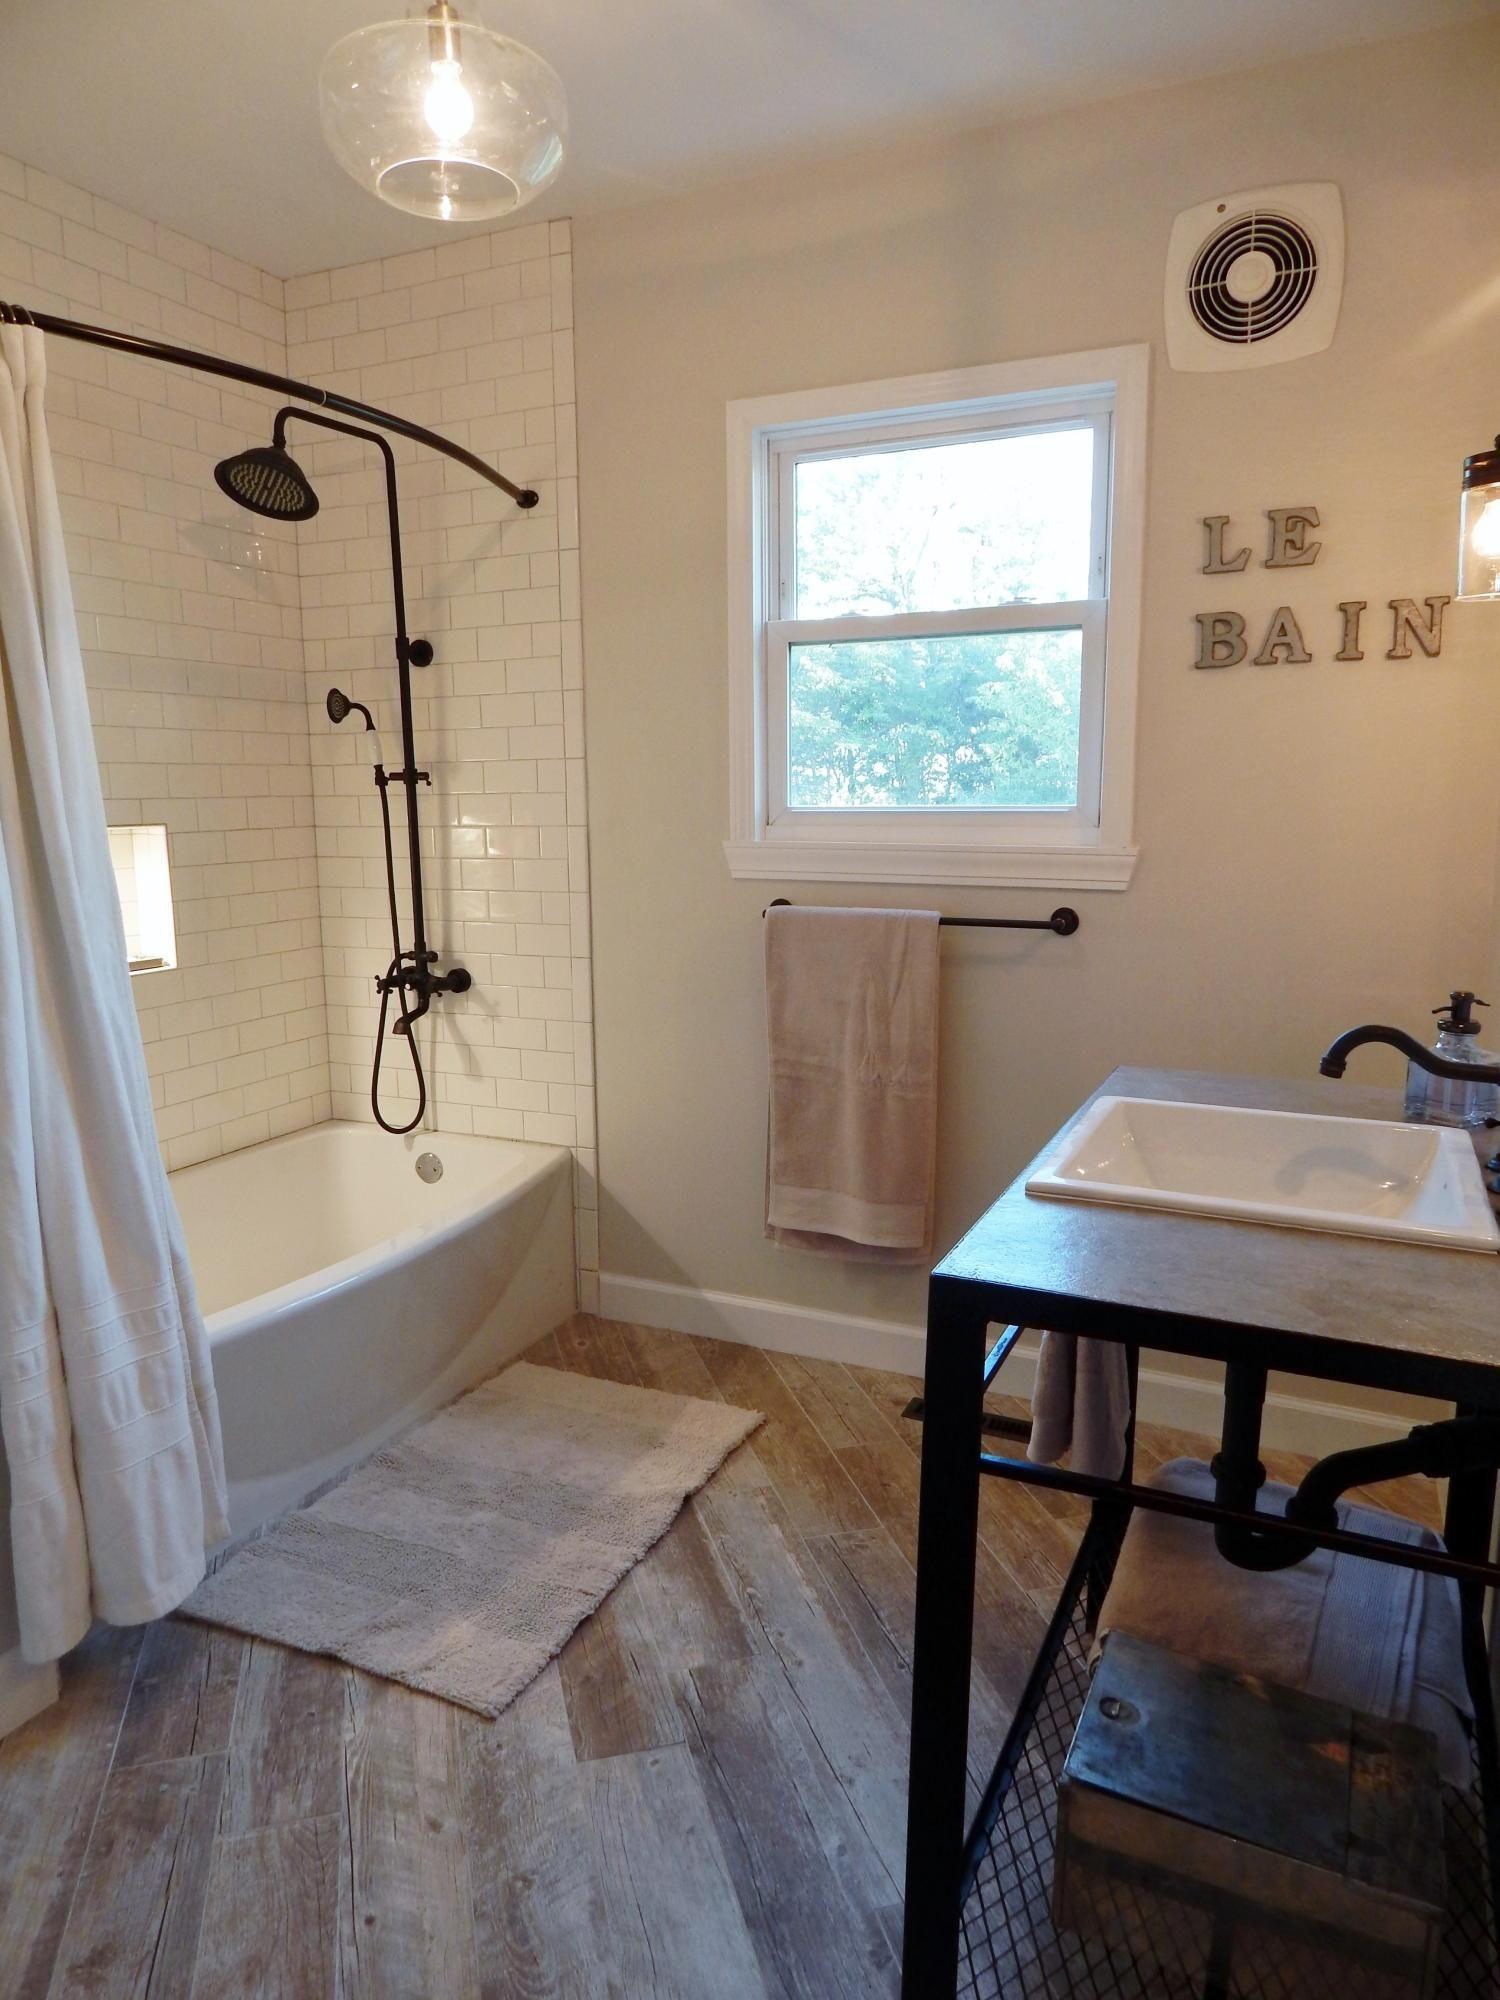 Complete bathroom remodel in the modern farmhouse style ... on Farmhouse Bathroom Floor Tile  id=39532